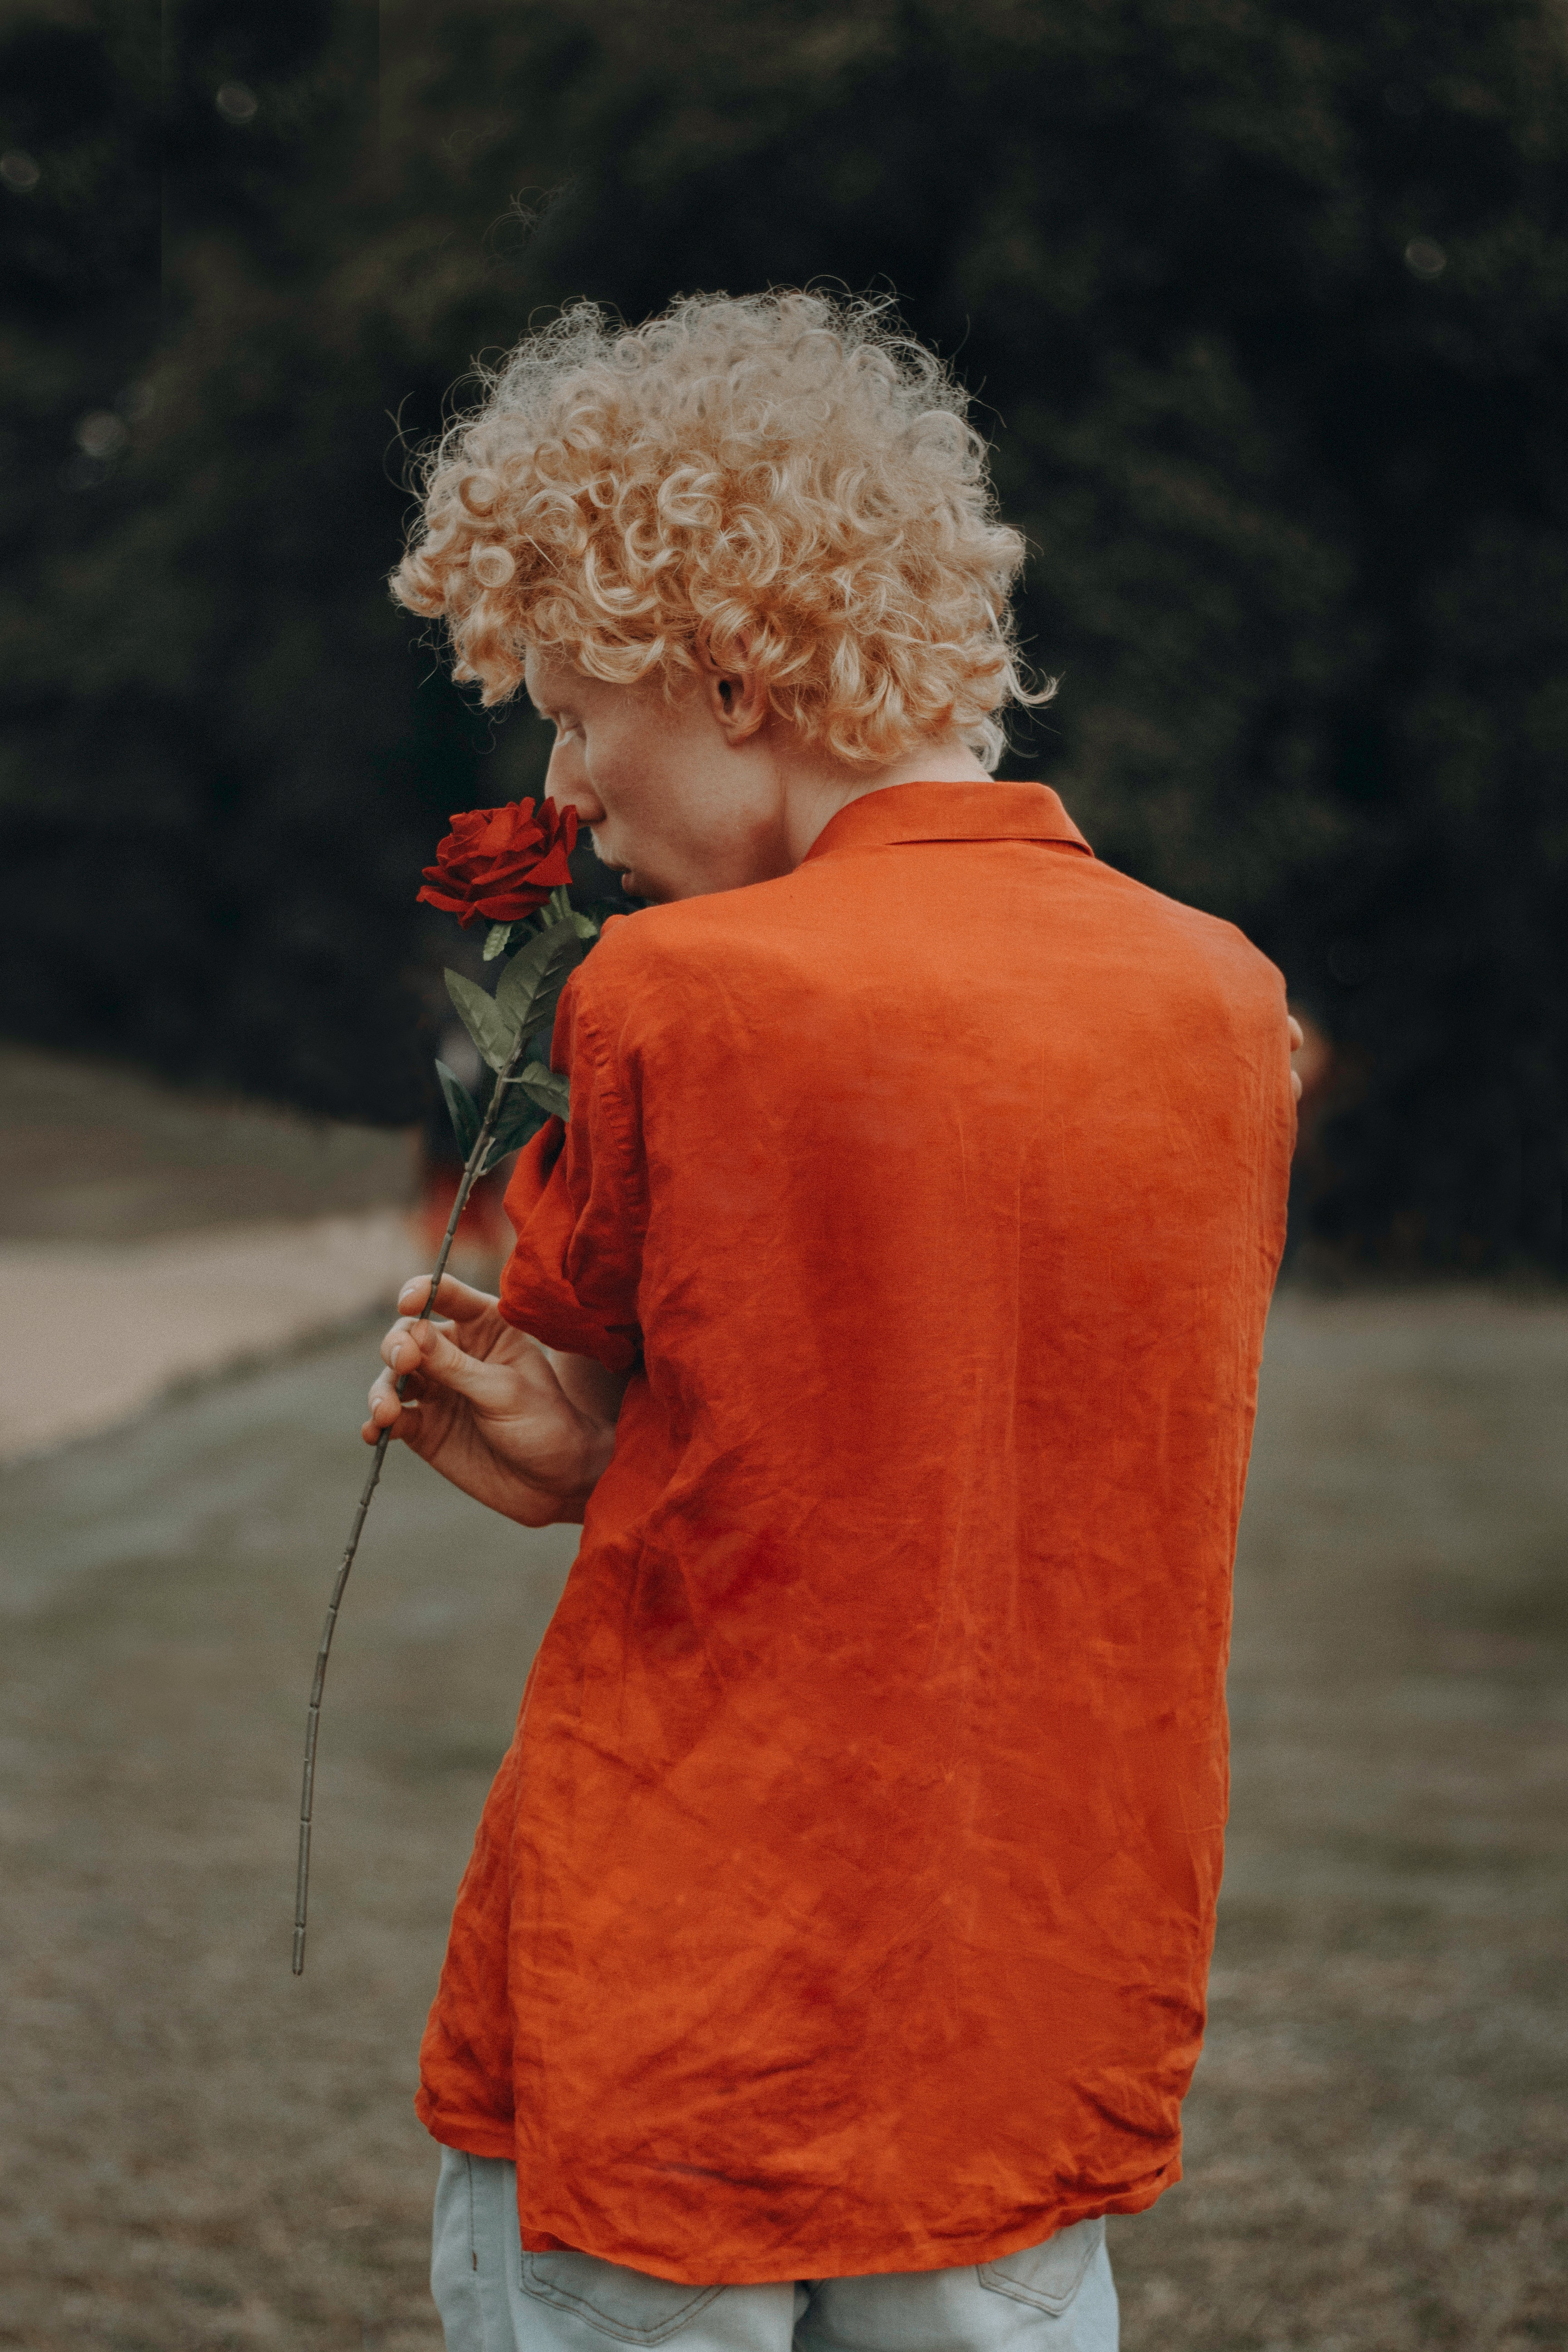 Kostenloses Foto zum Thema: freizeit, model, rose